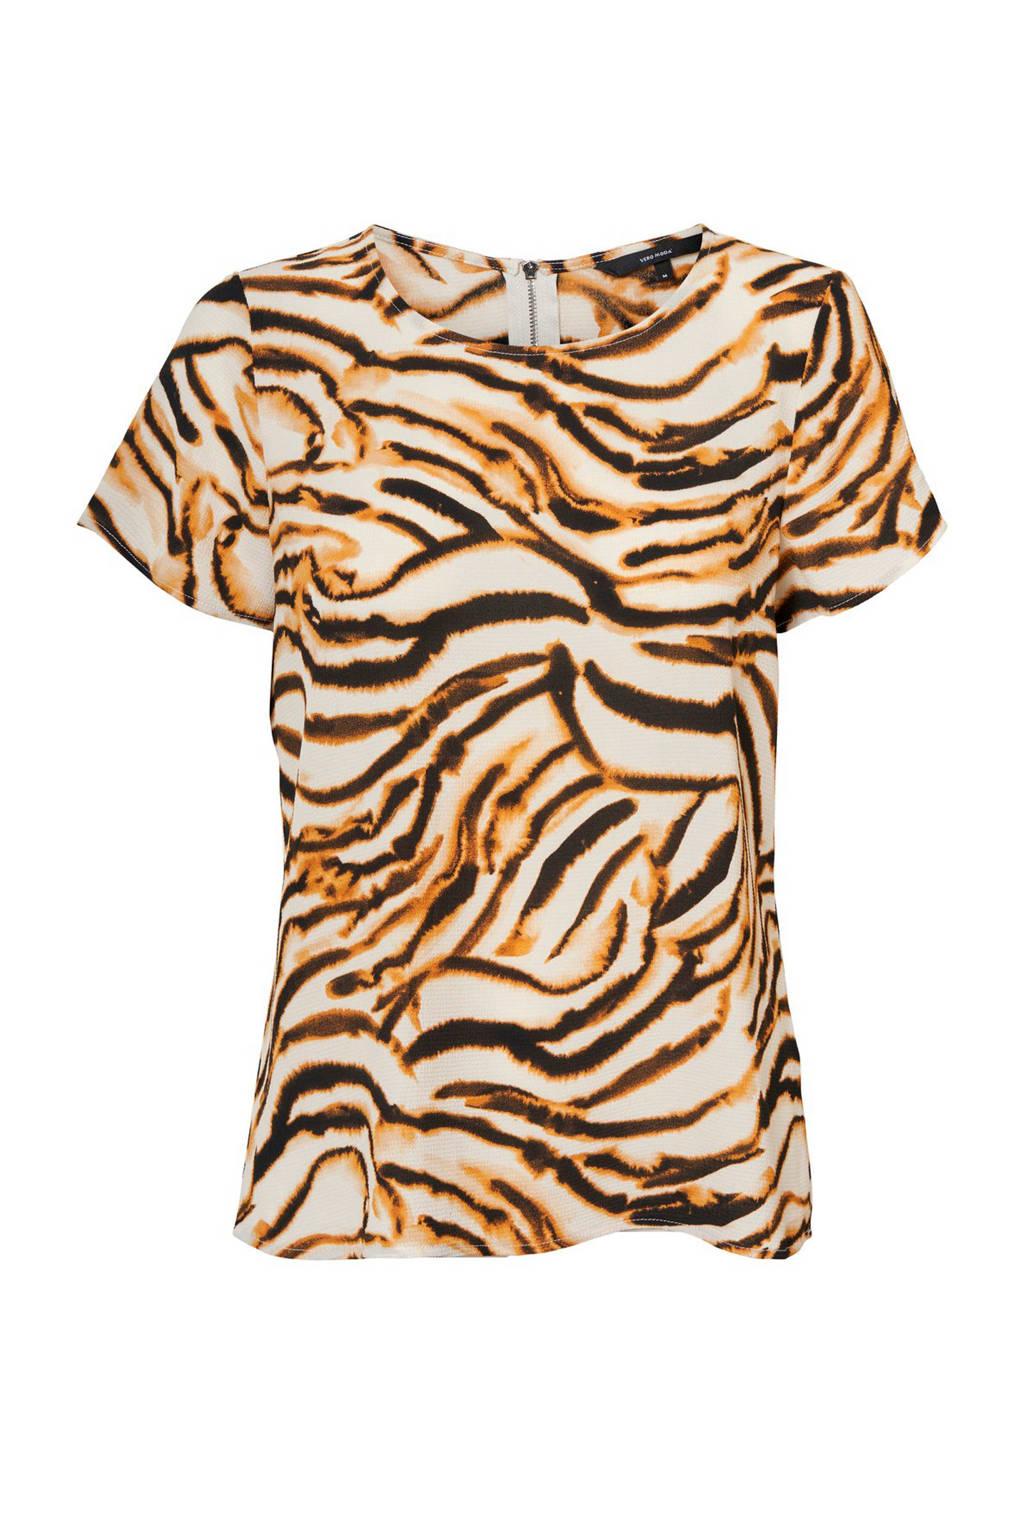 VERO MODA T-shirt met zebraprint bruin, Bruin